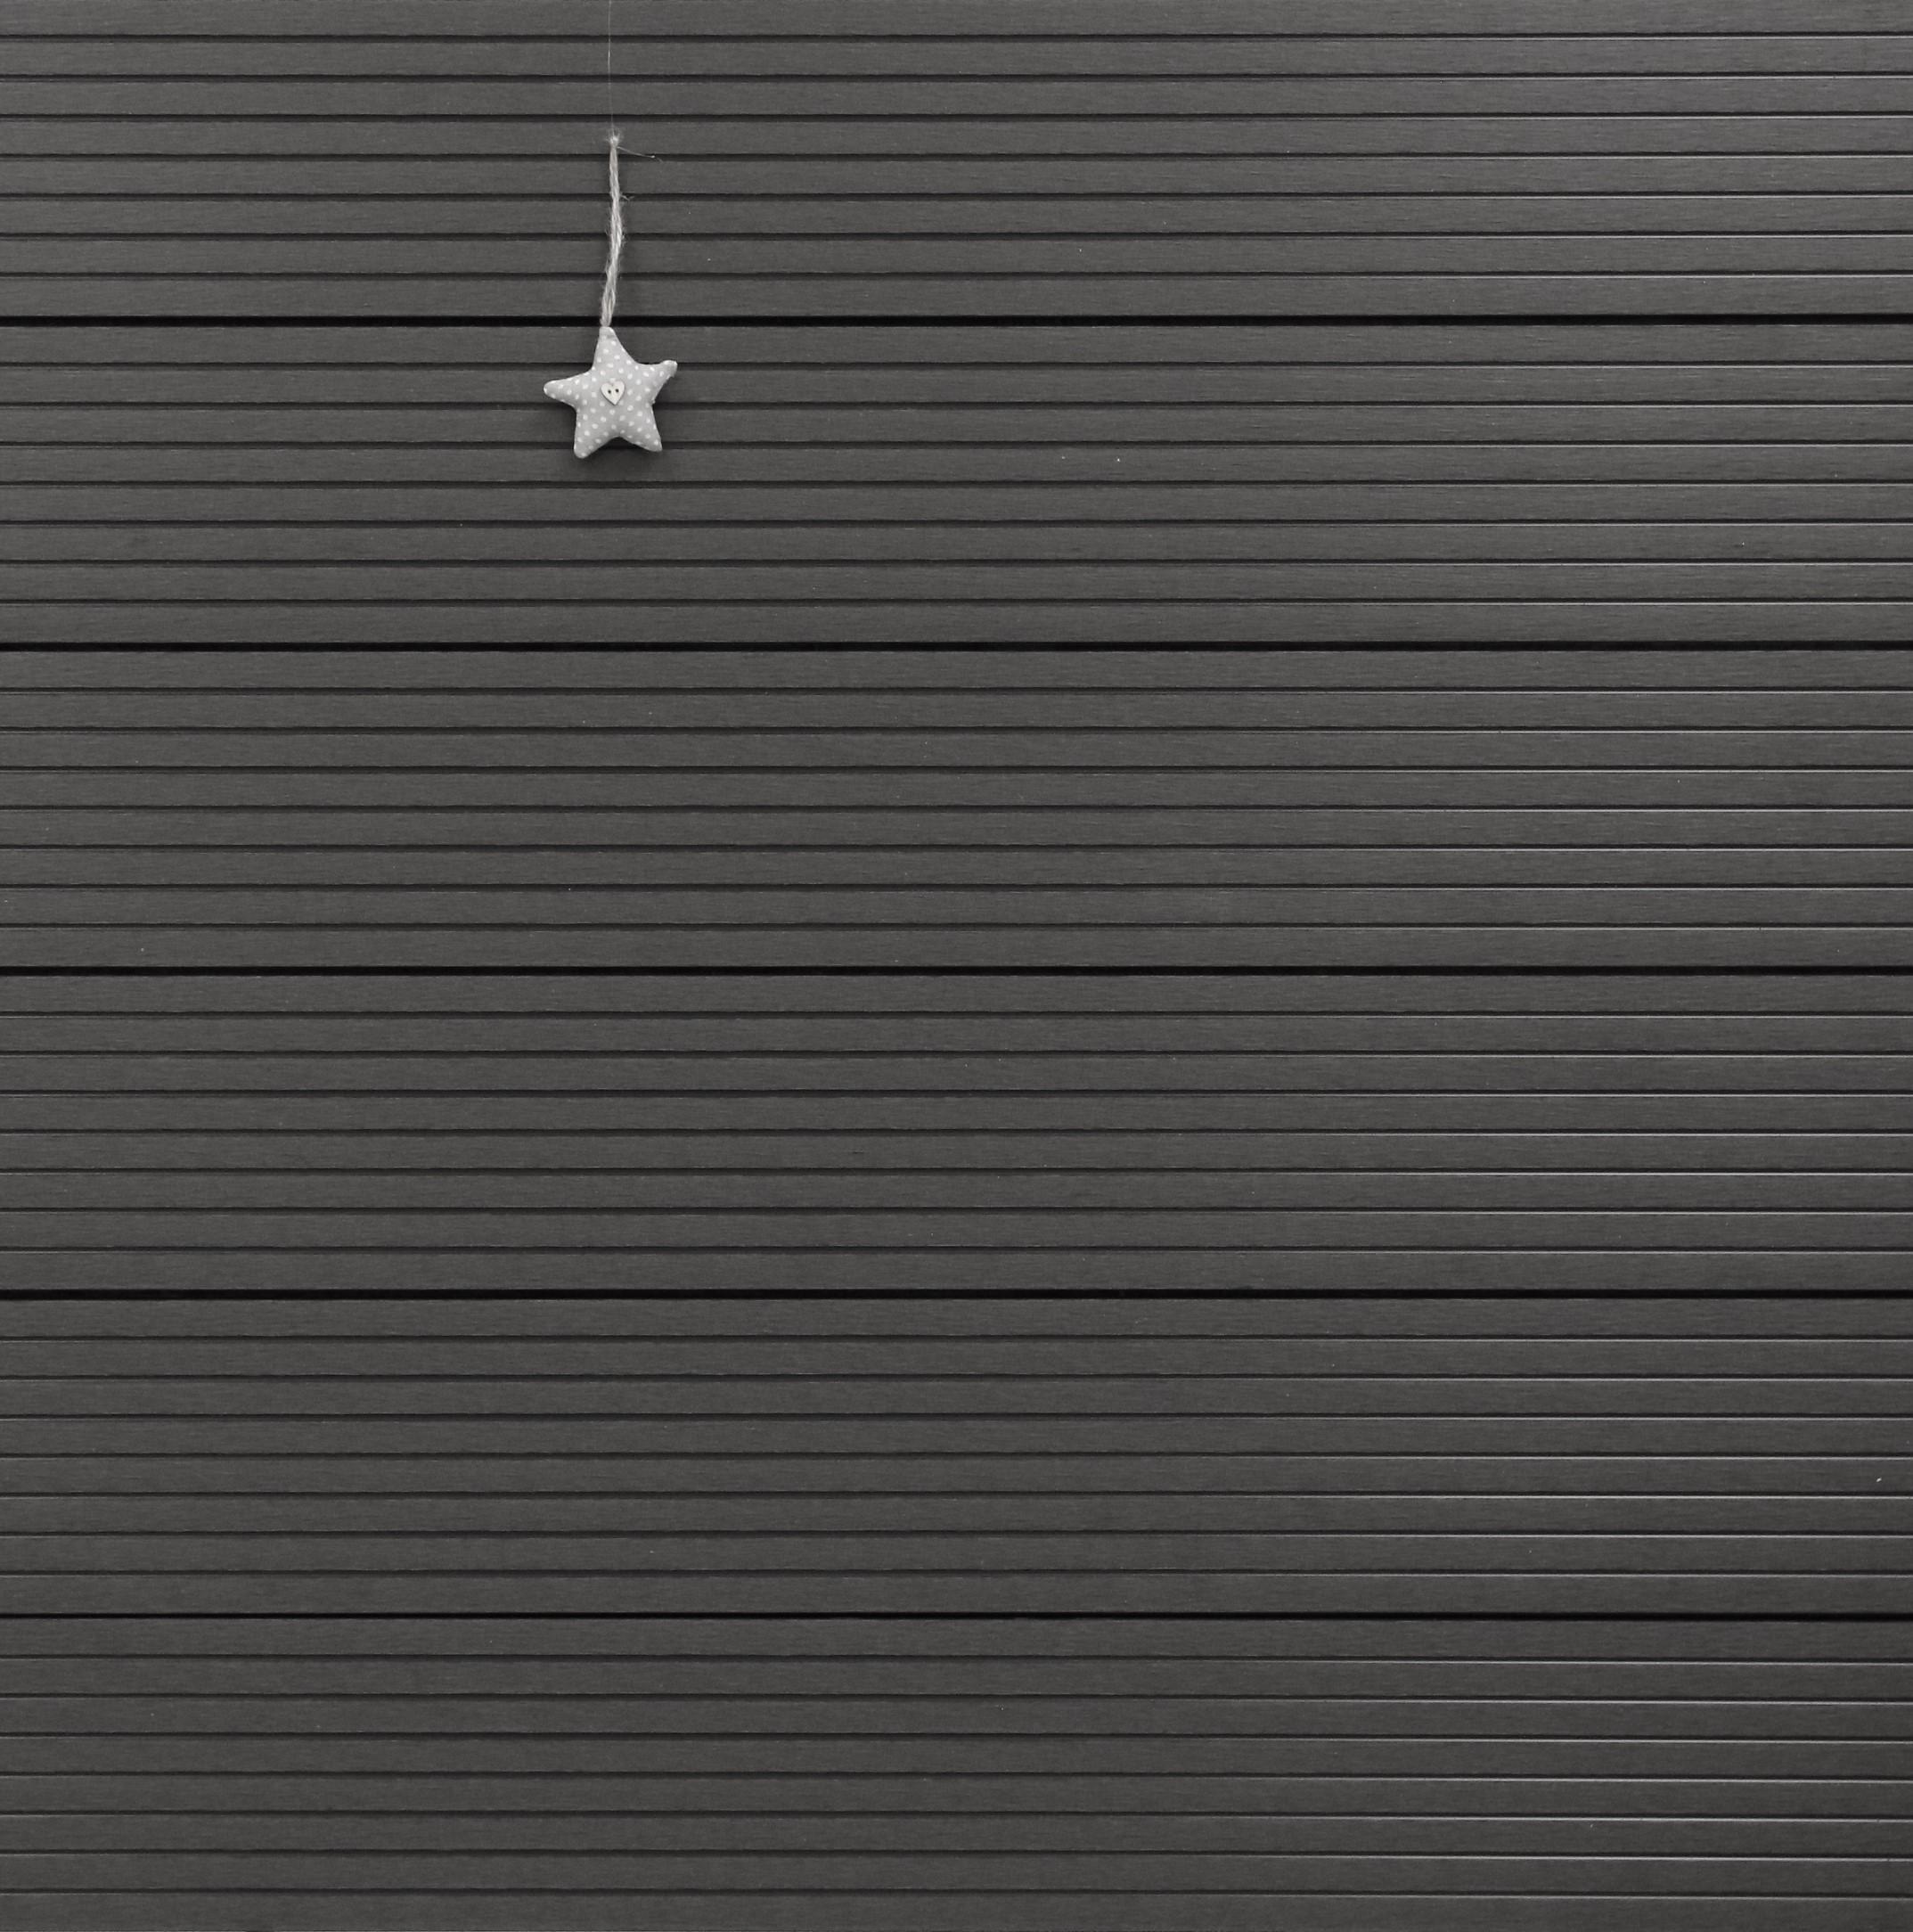 WPC Terrasse Hohlkammer, dunkelgrau, Oberfläche grob genutet, 22 x 146 bis 4800 mm 5,30 €/lfm